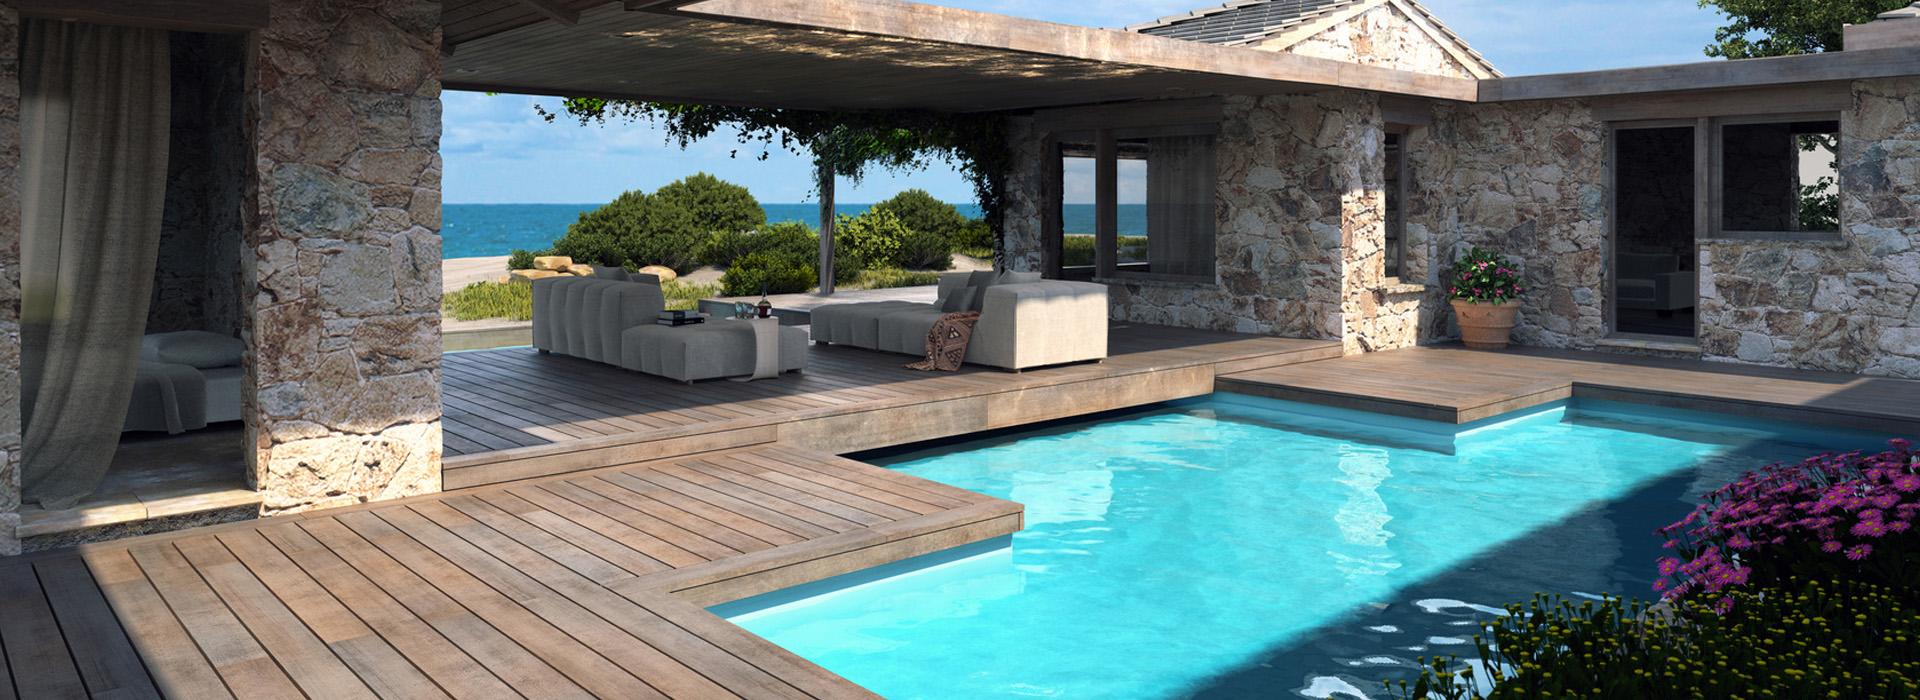 La piscina dei sogni